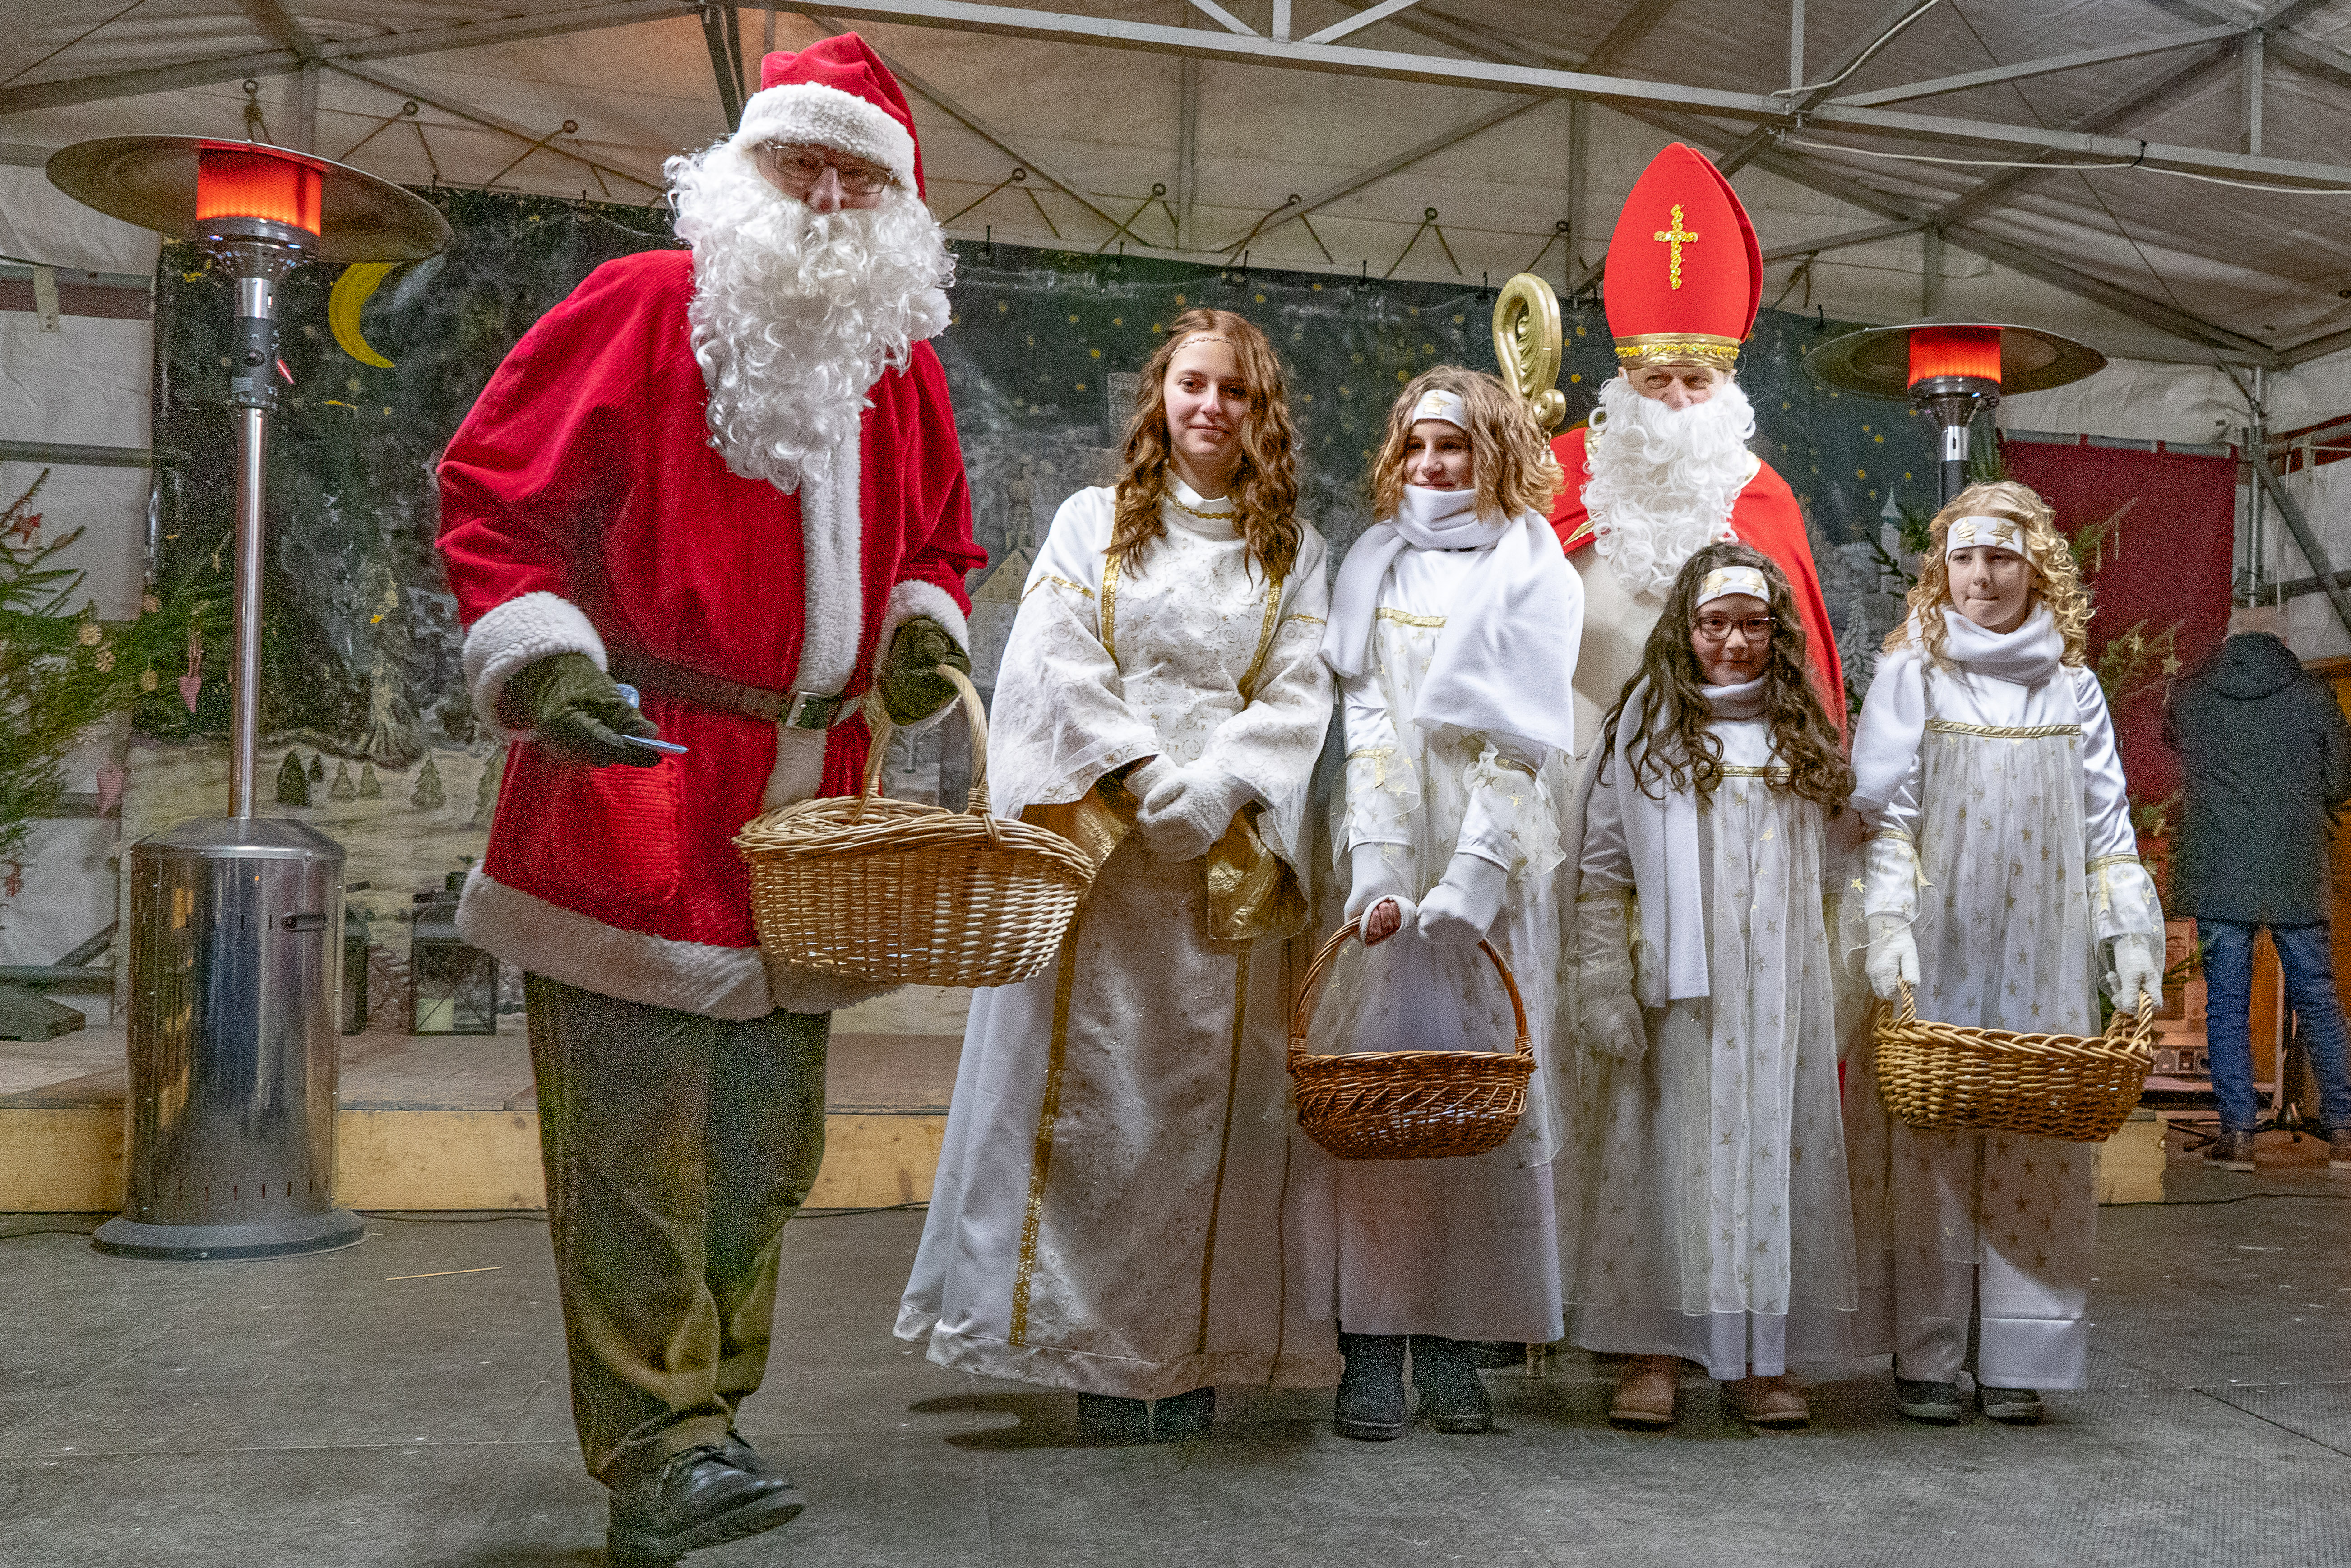 23. Velburger Weihnachtsmarkt vom 13.12. bis 15.12.2019